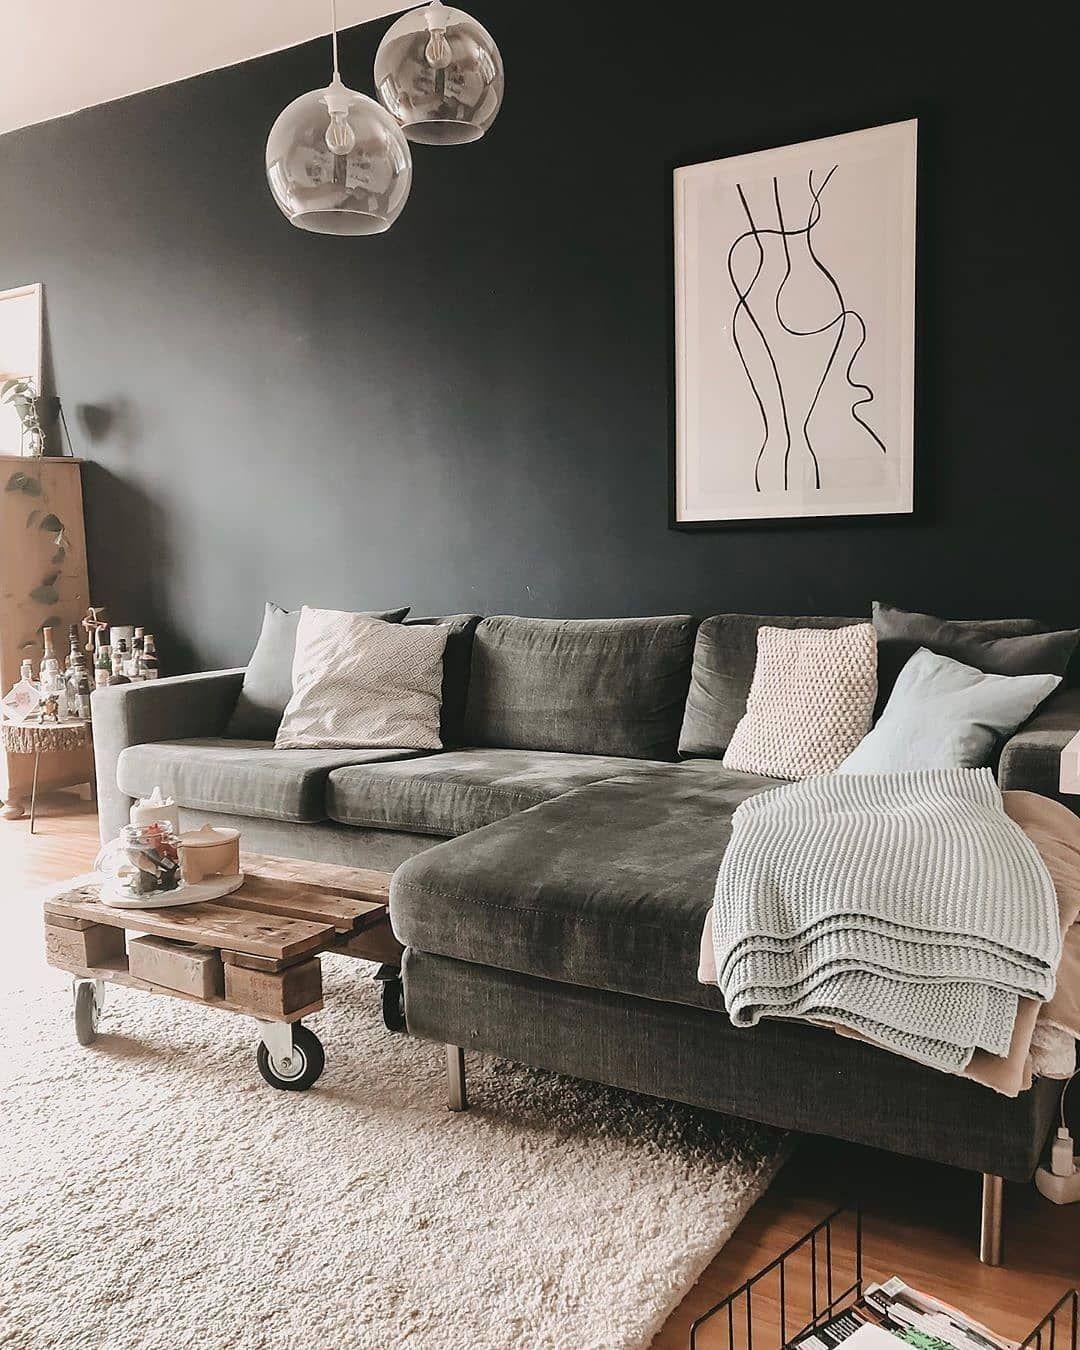 """SoLebIch.de on Instagram: """"Grünes Samtsofa, dunkle Wandfarbe und hübsche Leuchten! Uns gefällt das Wohnzimmer von @miiramirror sehr️�#SoLebIch #repost #wohnzimmer"""""""